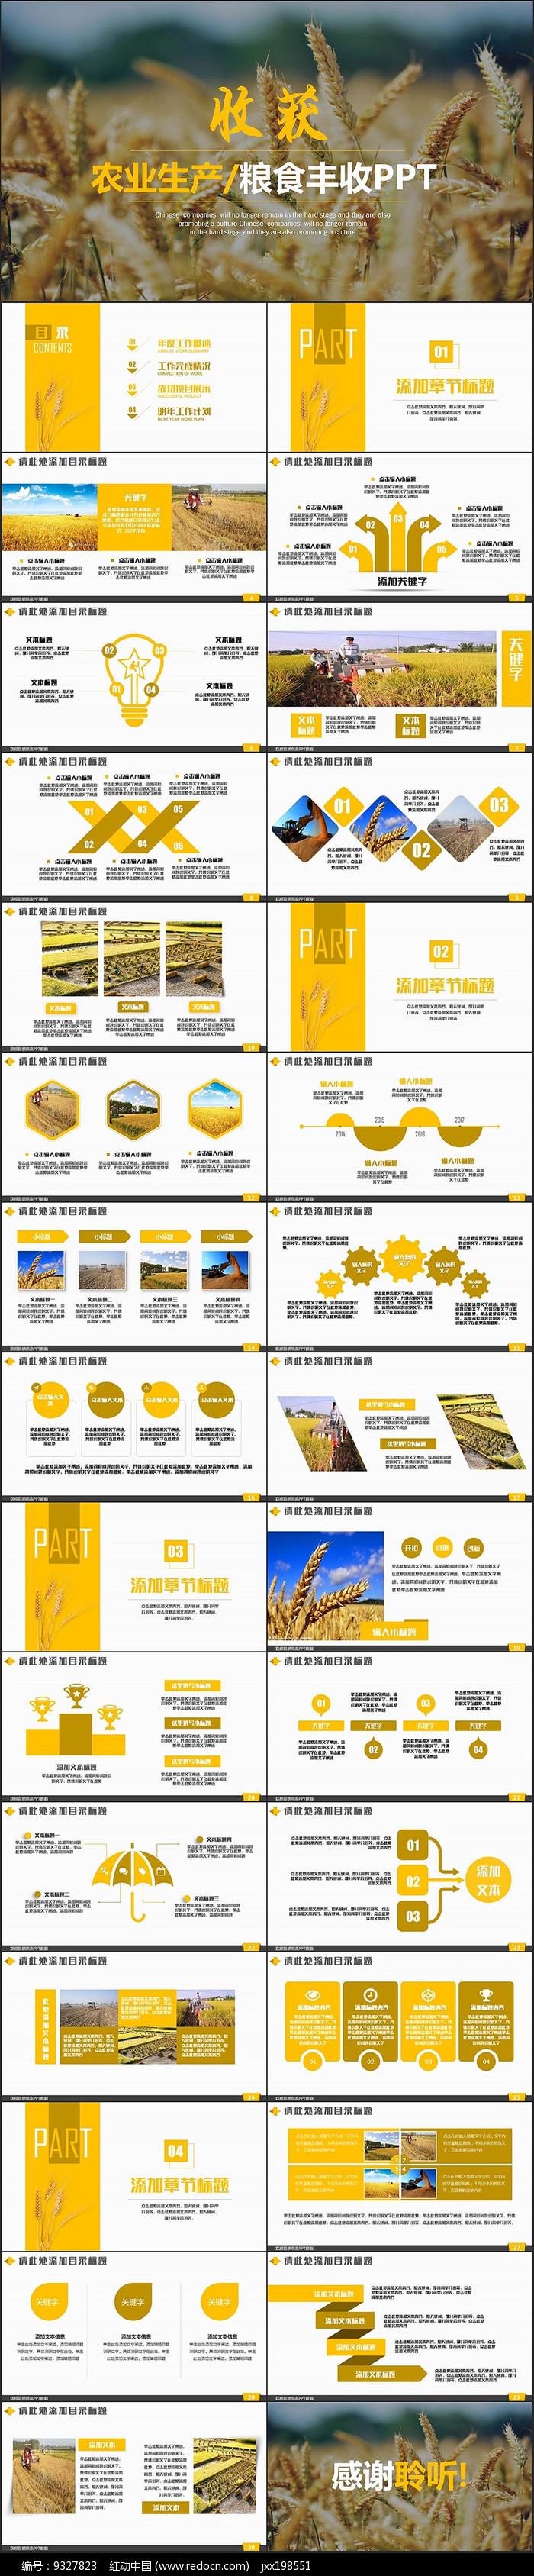 金色农业生产粮食农场PPT图片